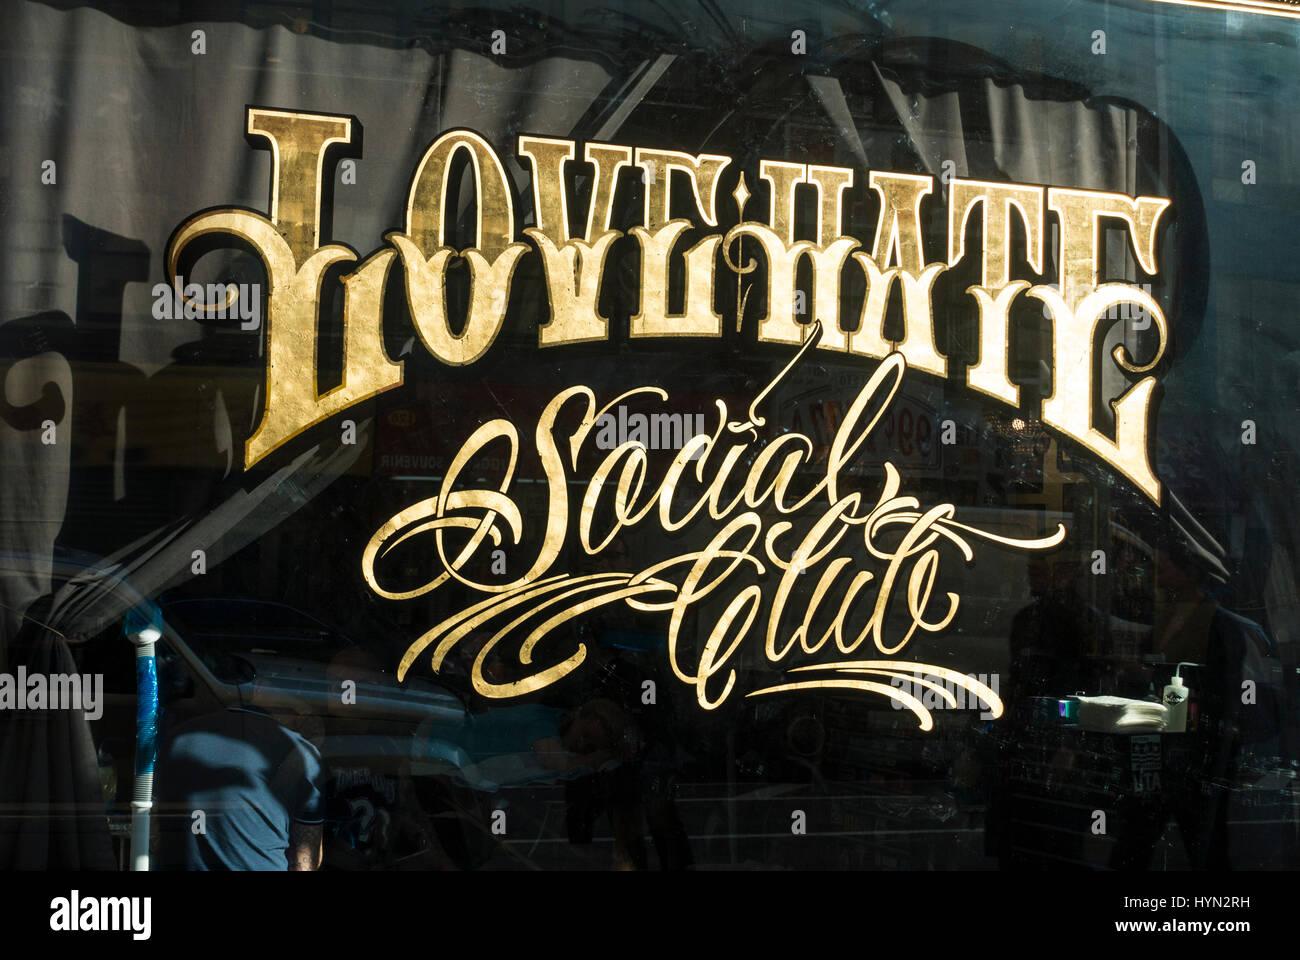 Amor odio Social Club, un salón de tatuaje en el Bajo Manhattan Imagen De Stock